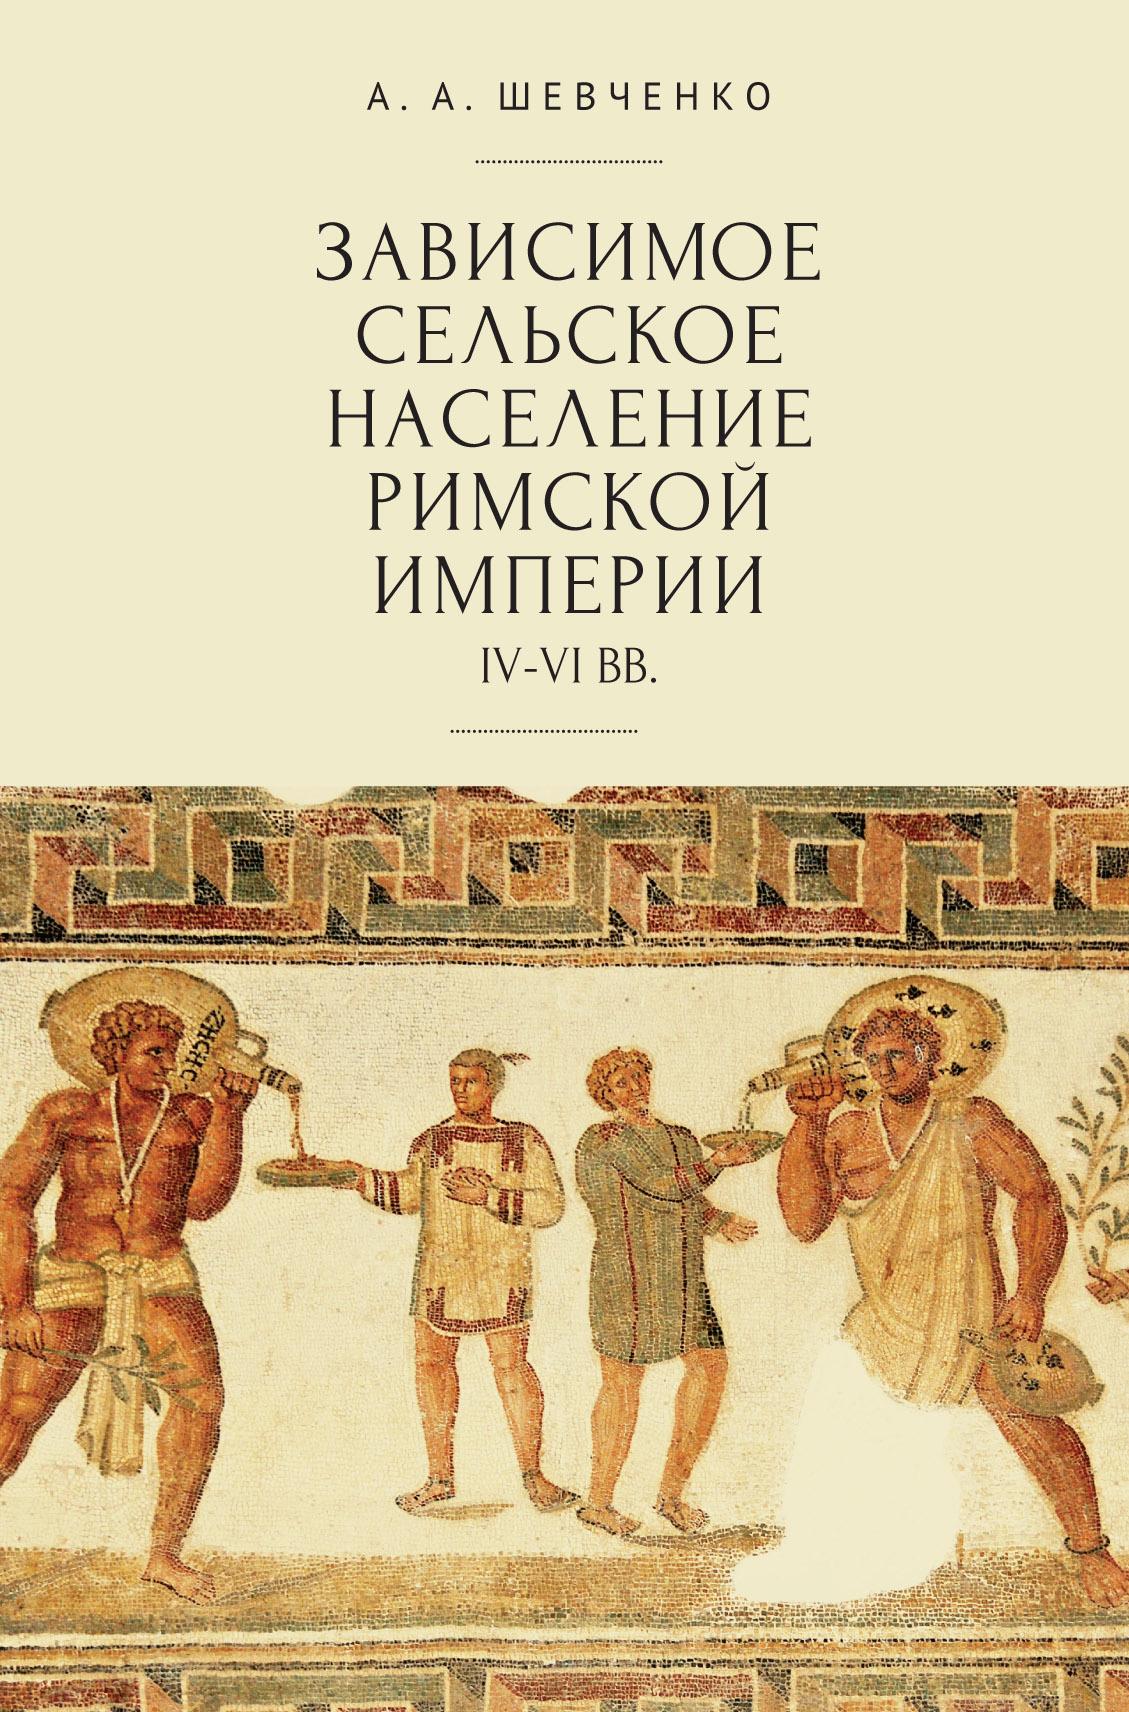 Александр Александрович Шевченко Зависимое сельское население Римской империи (IV-VI вв) стоимость